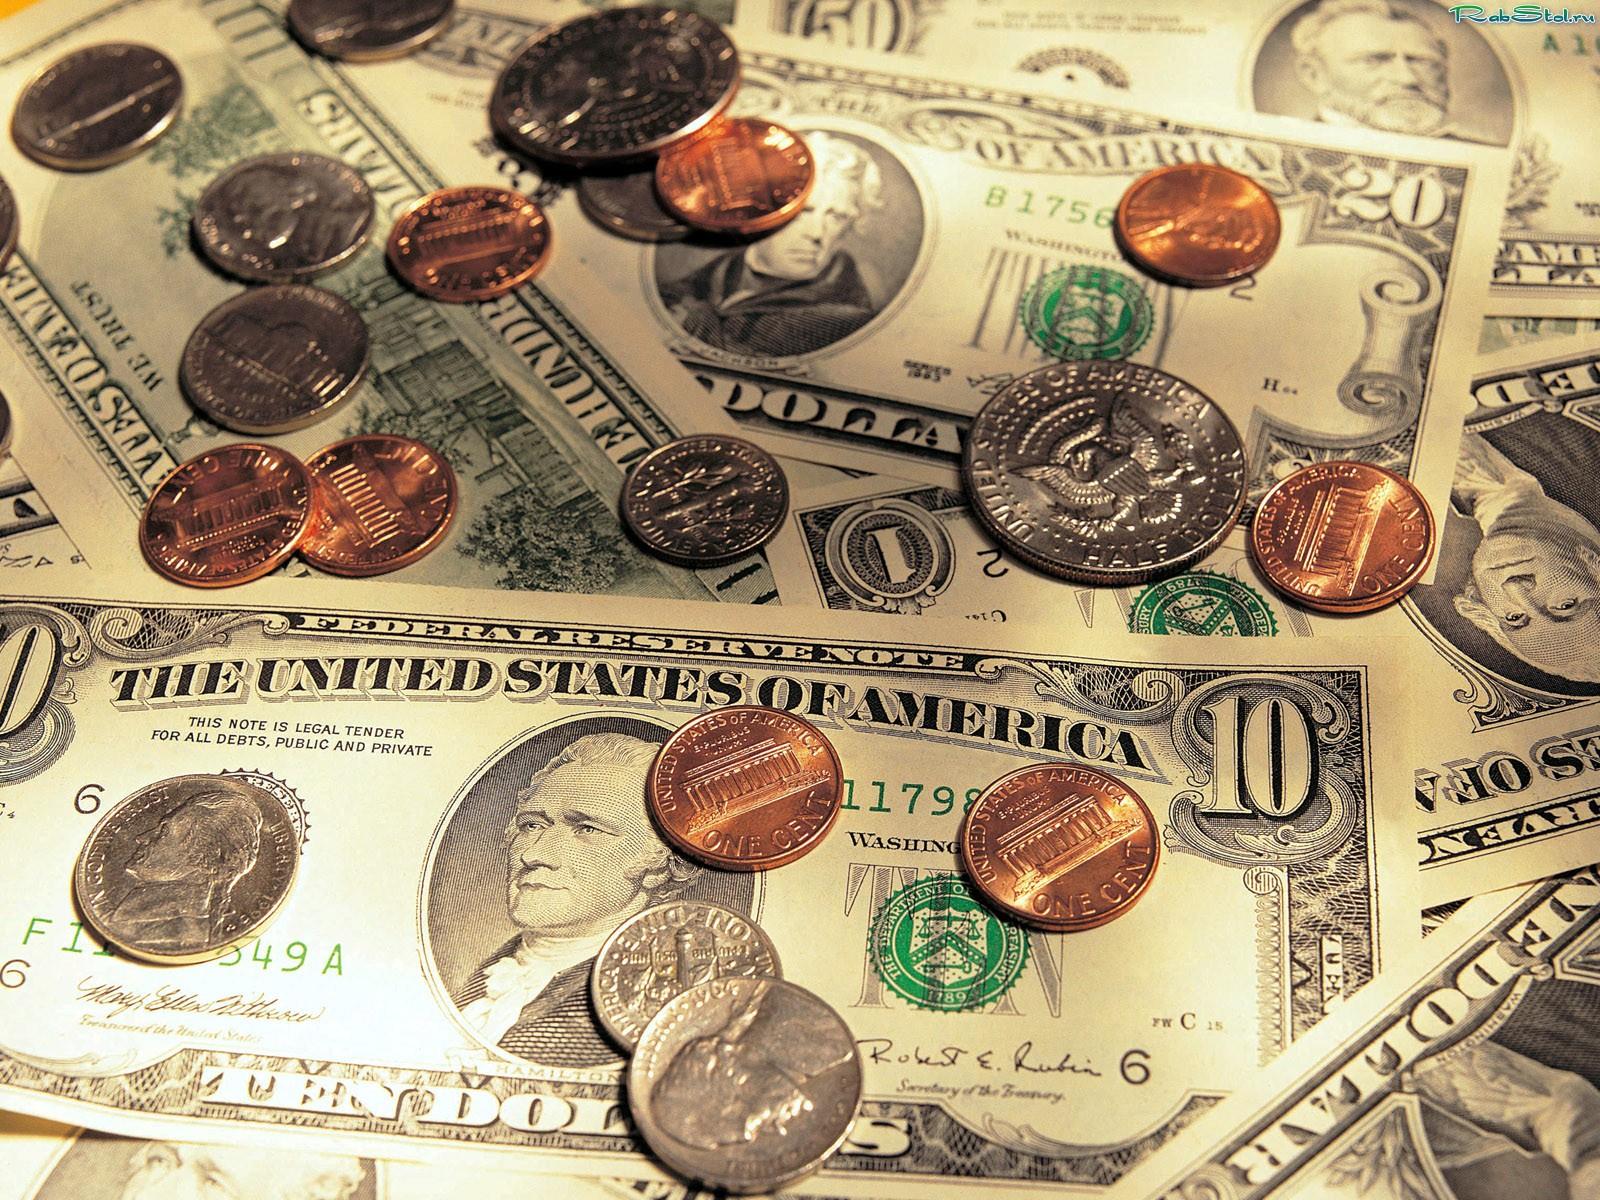 dollars, cents, wallpaper, доллары и центы, скачать фото, обои для рабочего стола